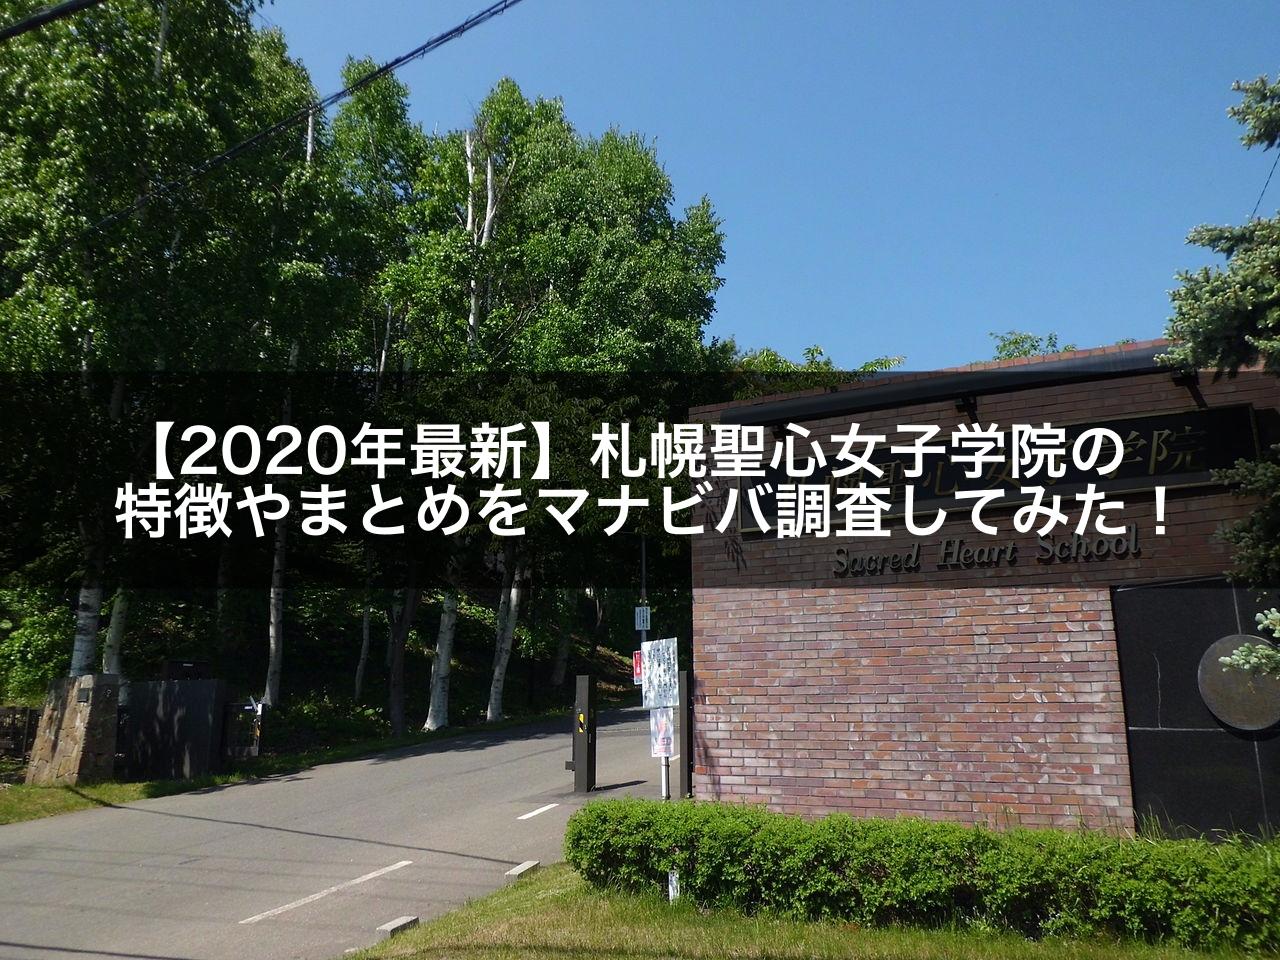 【2020年最新】札幌聖心女子学院の特徴やまとめをマナビバ調査してみた!